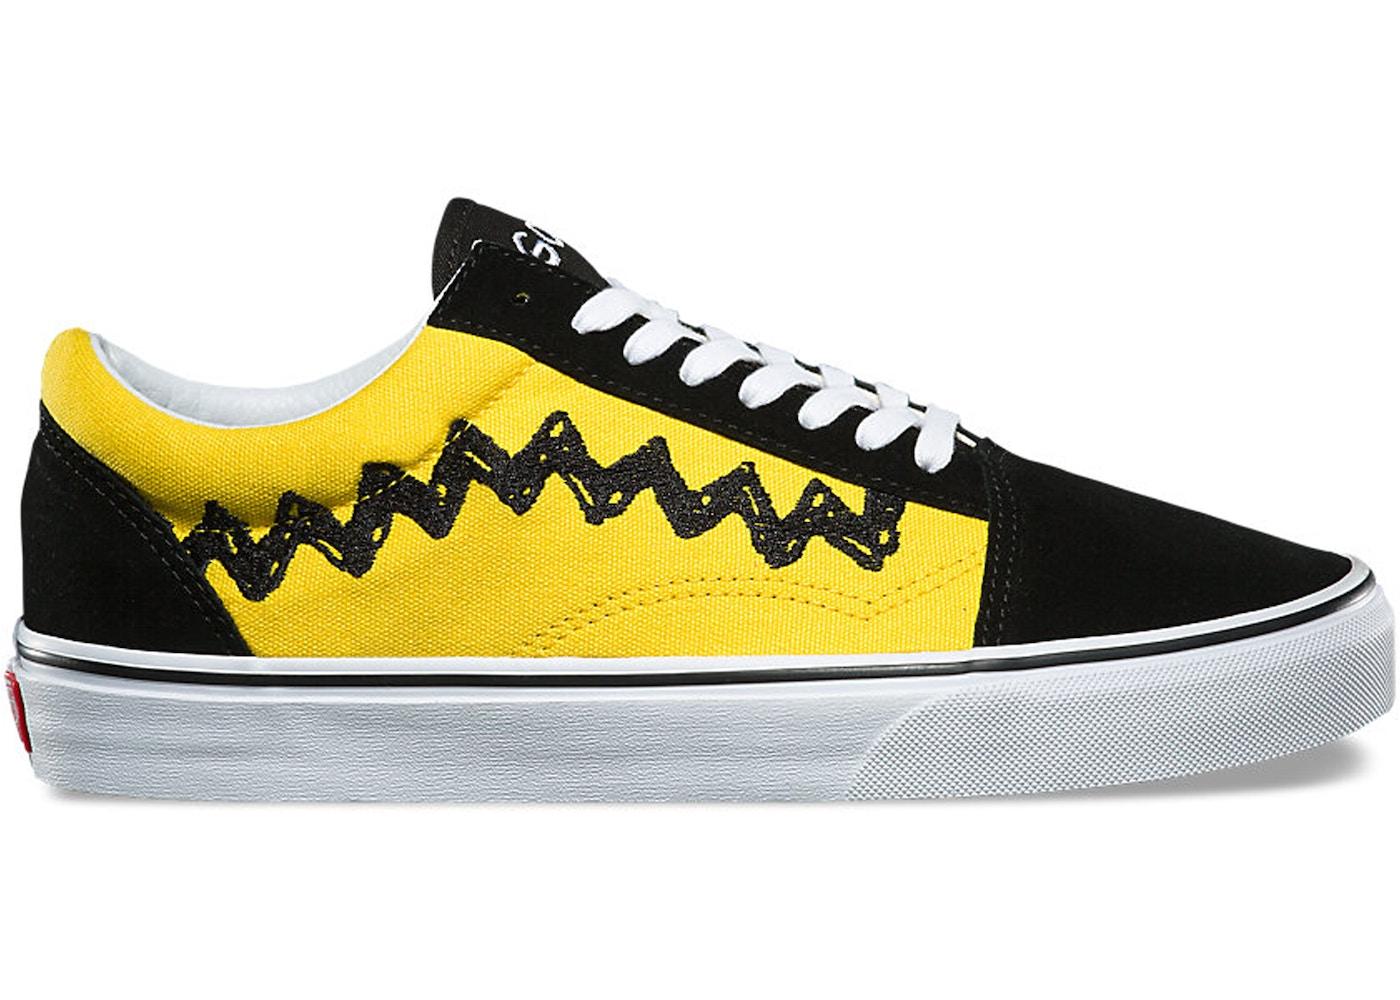 Vans Old Skool Peanuts Charlie Brown